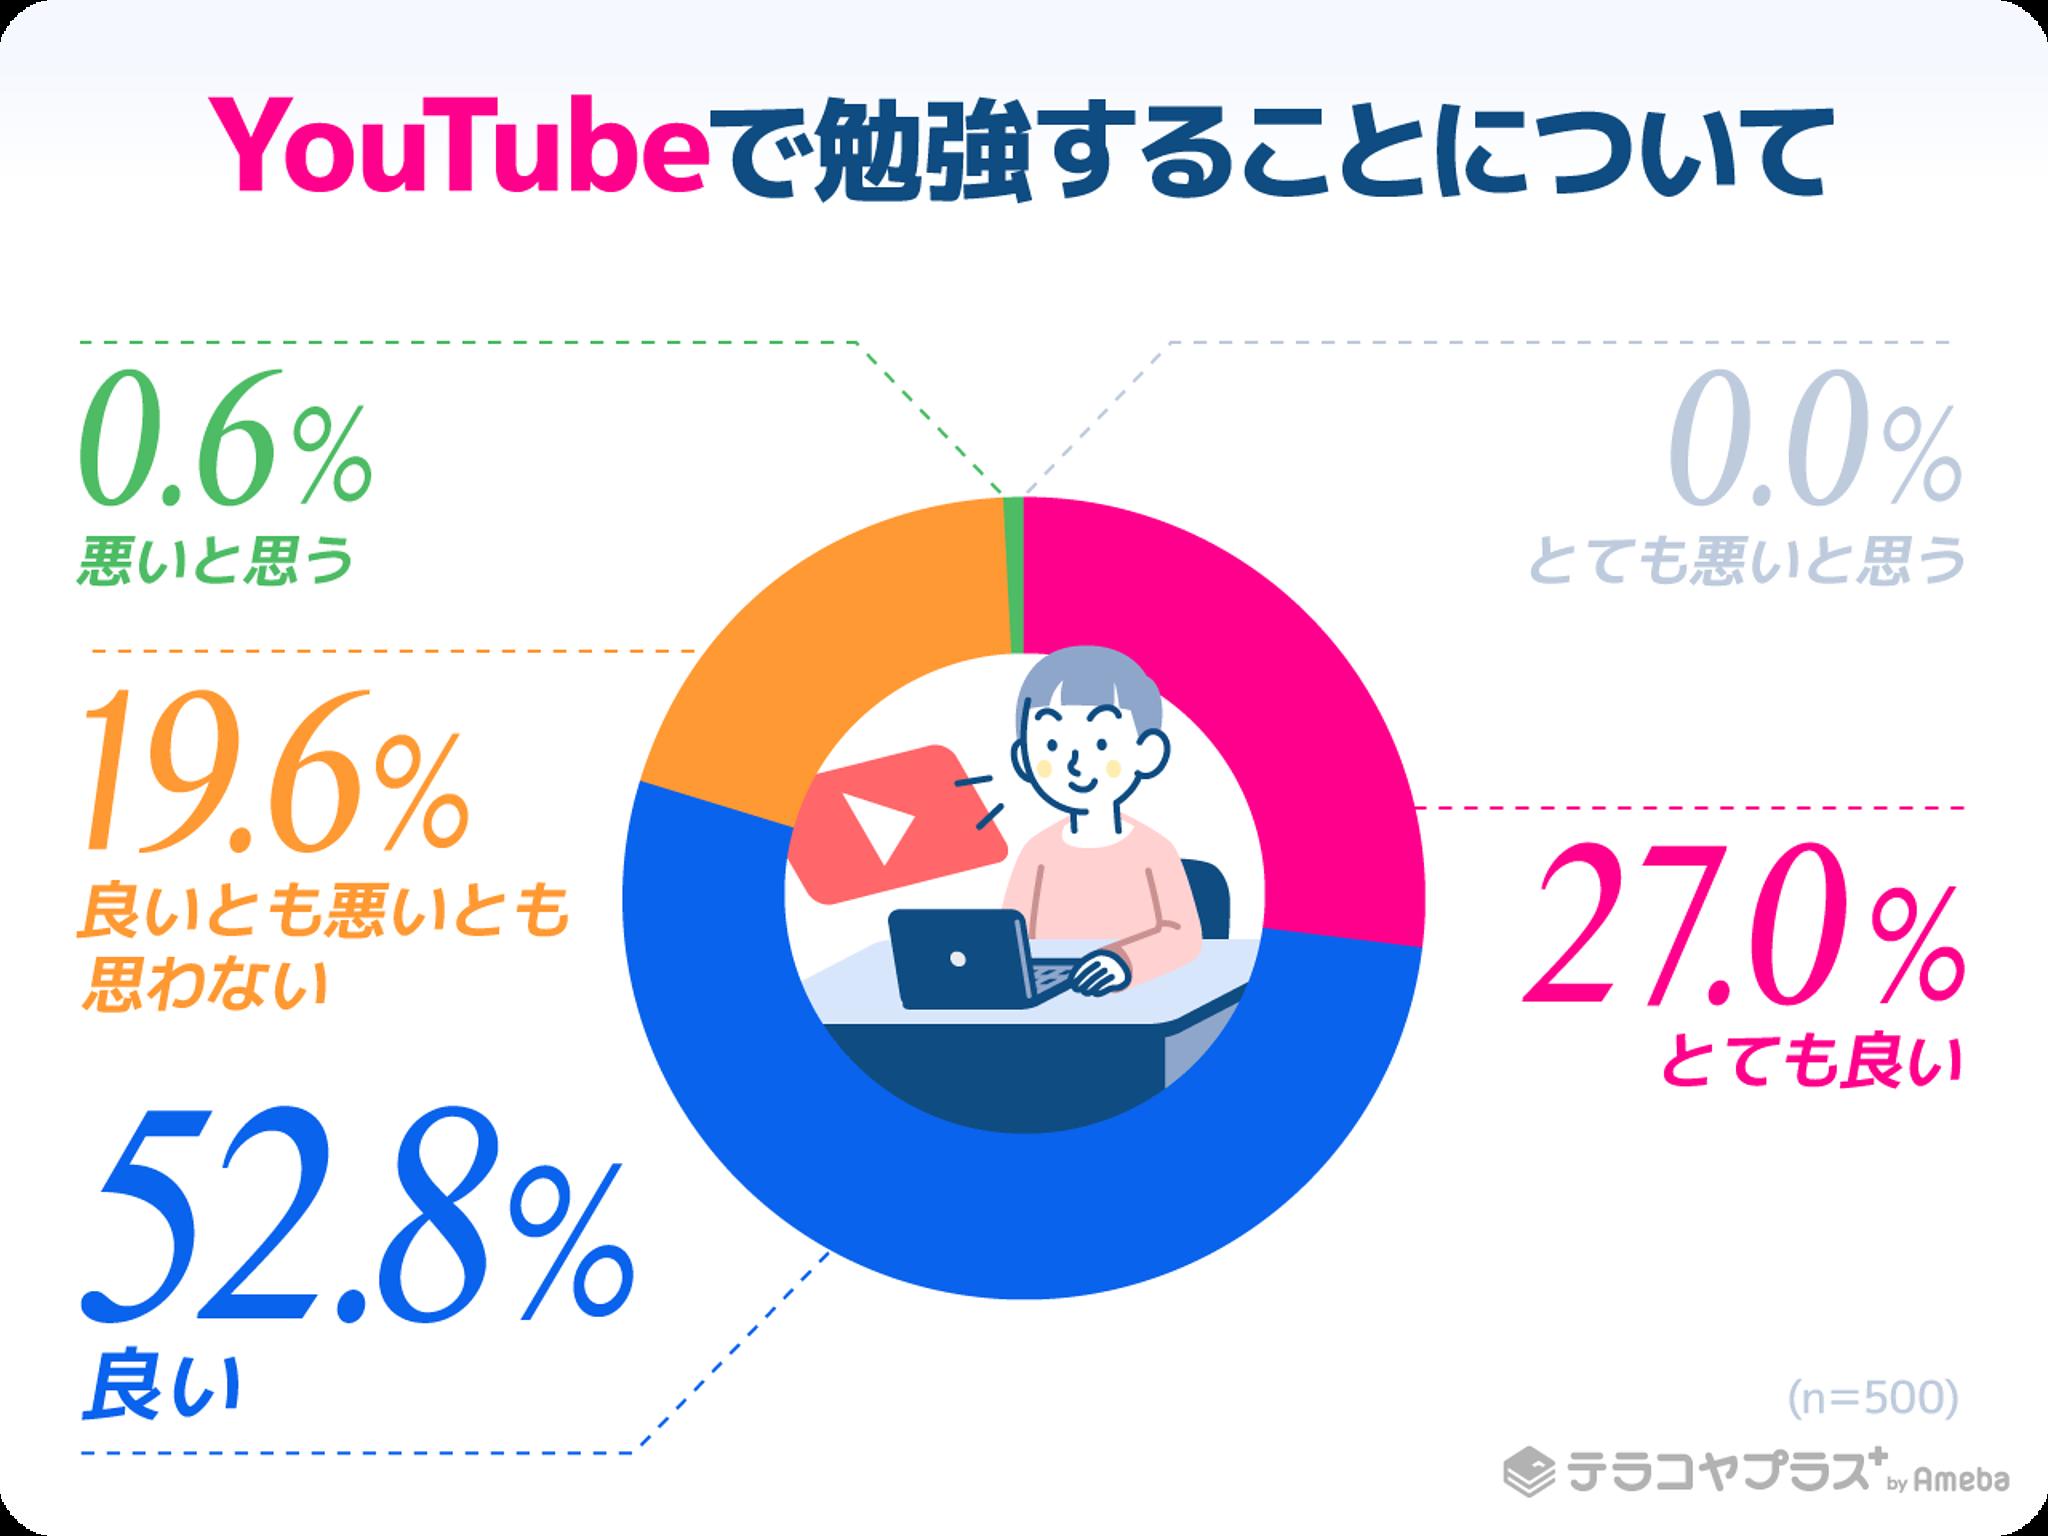 YouTubeで勉強することについてのアンケート結果